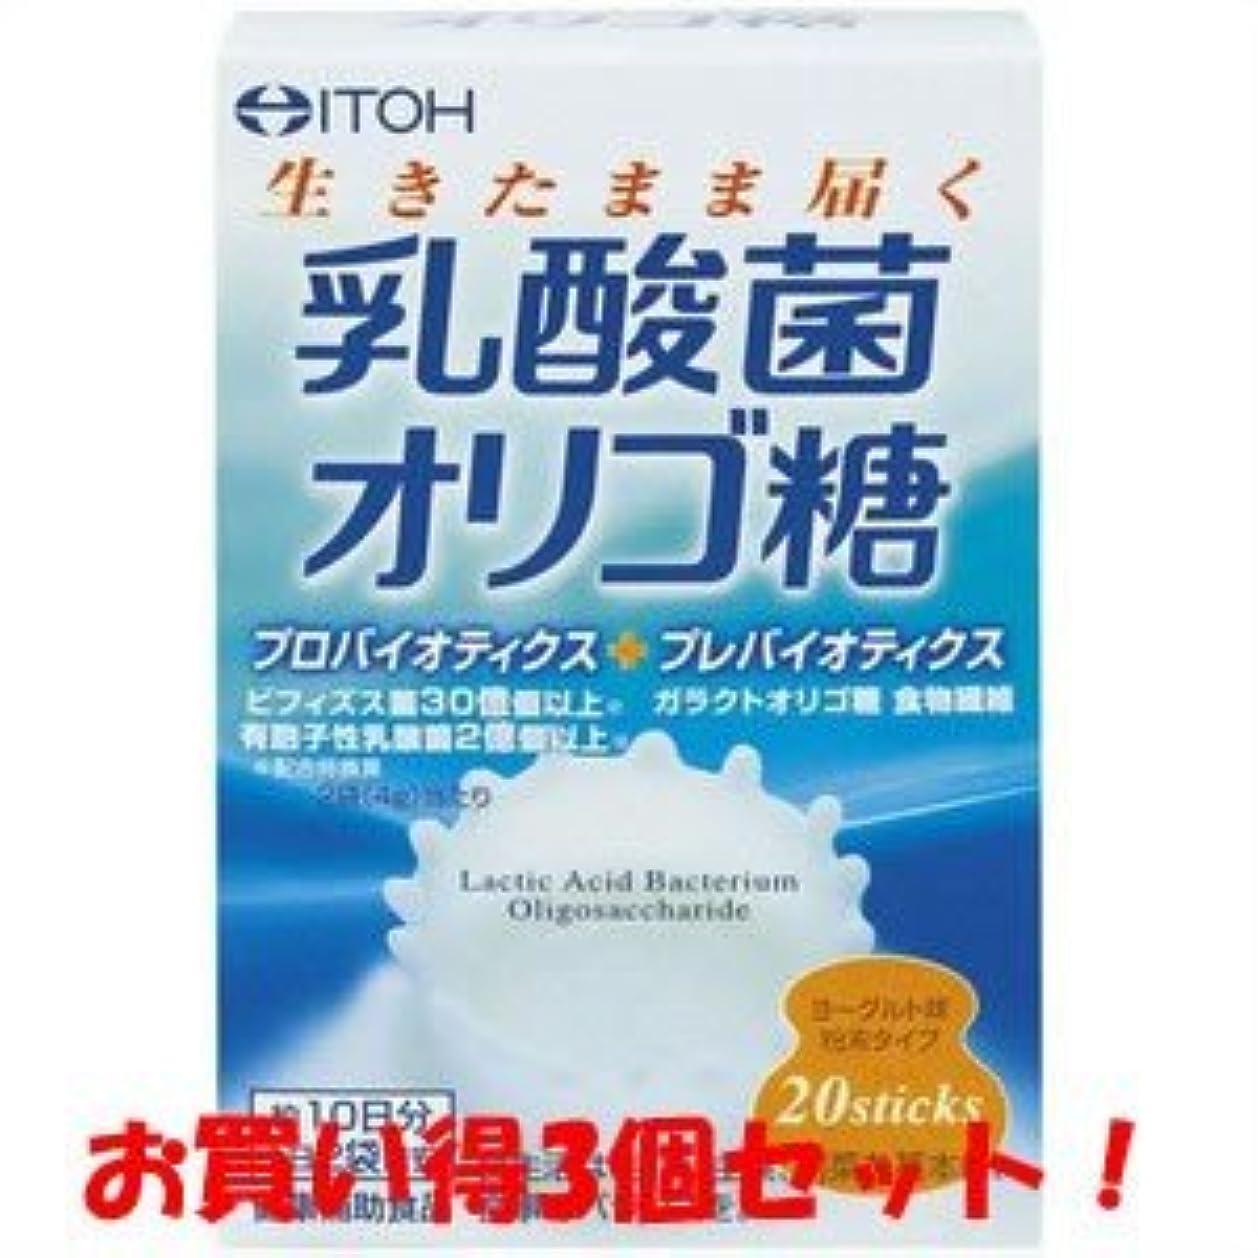 ロック解除区画ゼロ【井藤漢方製薬】乳酸菌オリゴ糖 40g(2g×20スティック)(お買い得3個セット)